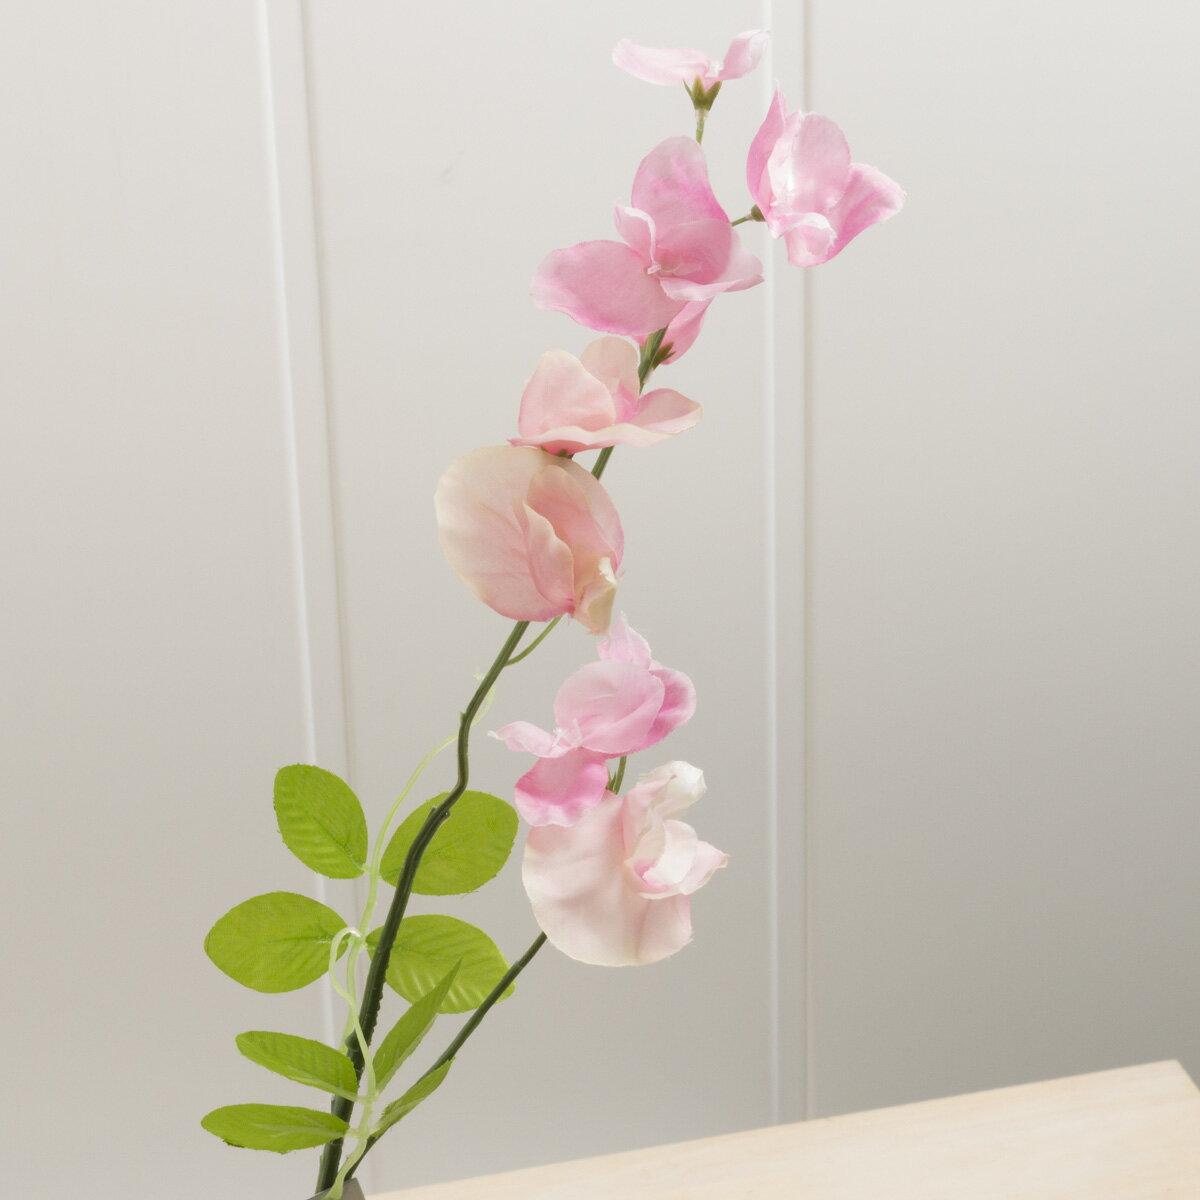 即日 【造花】YDM/スイートピー ピンク/FS7762-P《 造花(アーティフィシャルフラワー) 造花 花材「さ行」 スイトピー 》